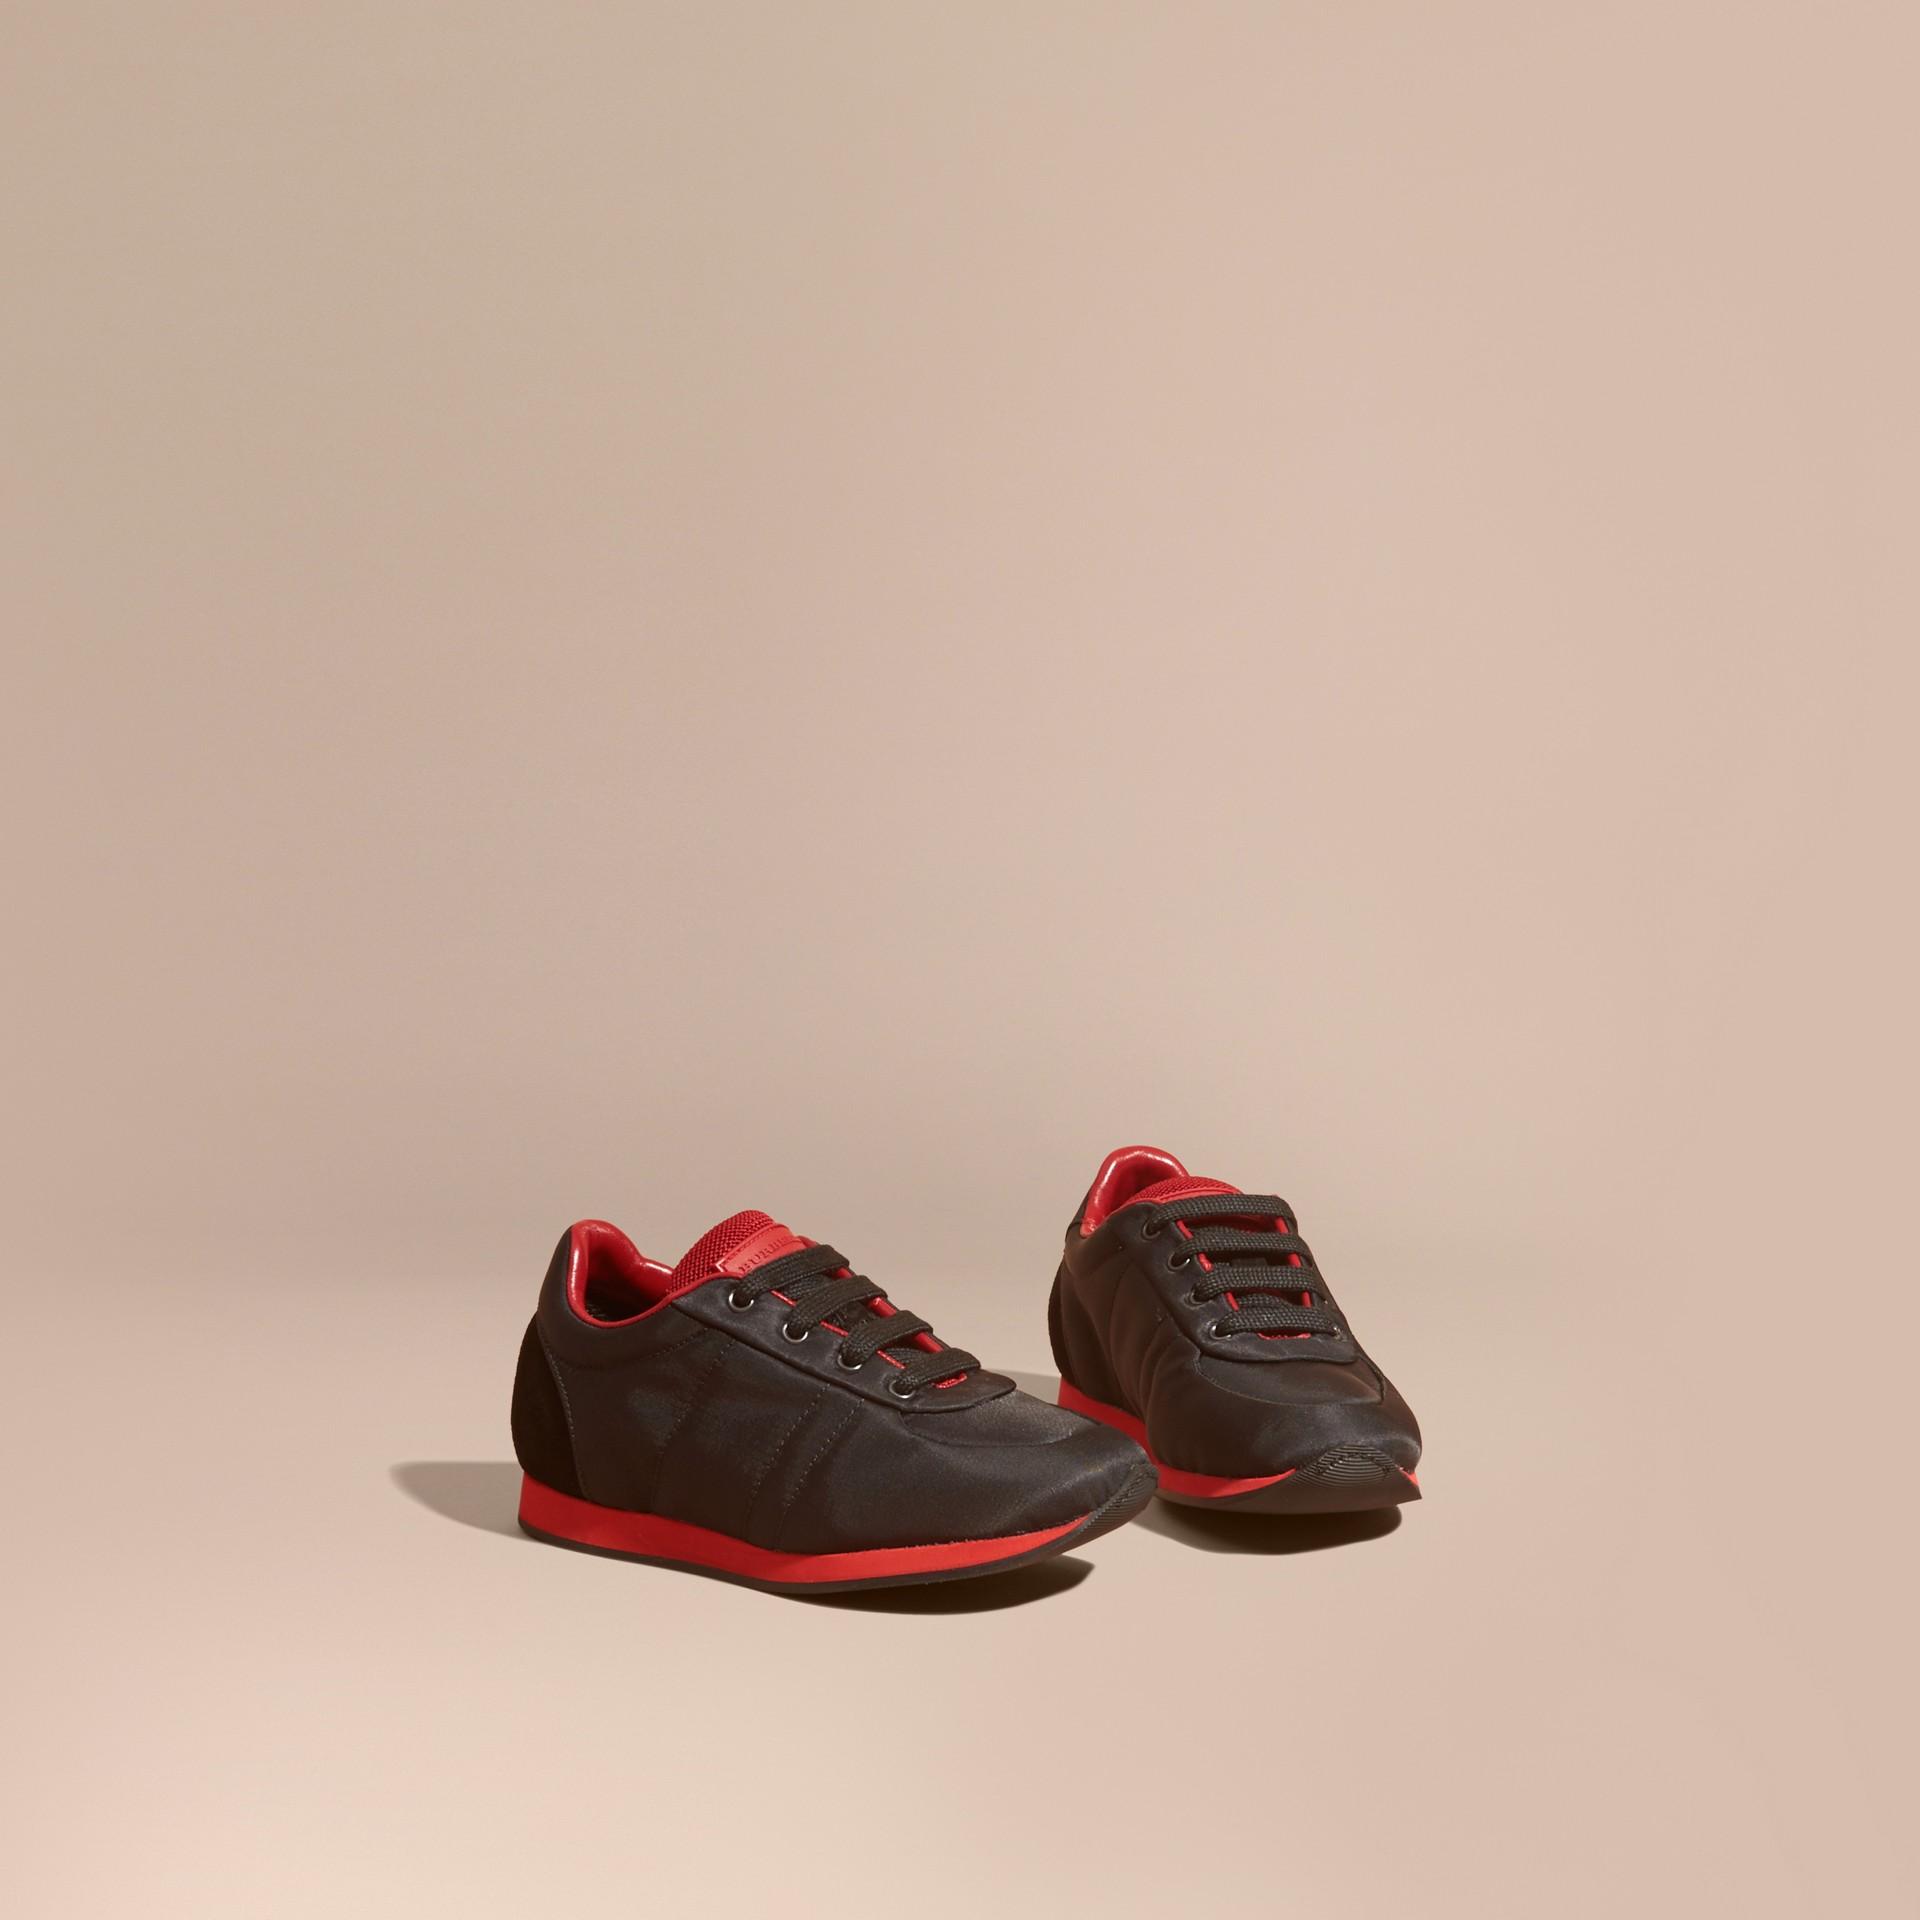 Negro/rojo militar Zapatillas deportivas en piel y raso con franjas de colores Negro/rojo Militar - imagen de la galería 1